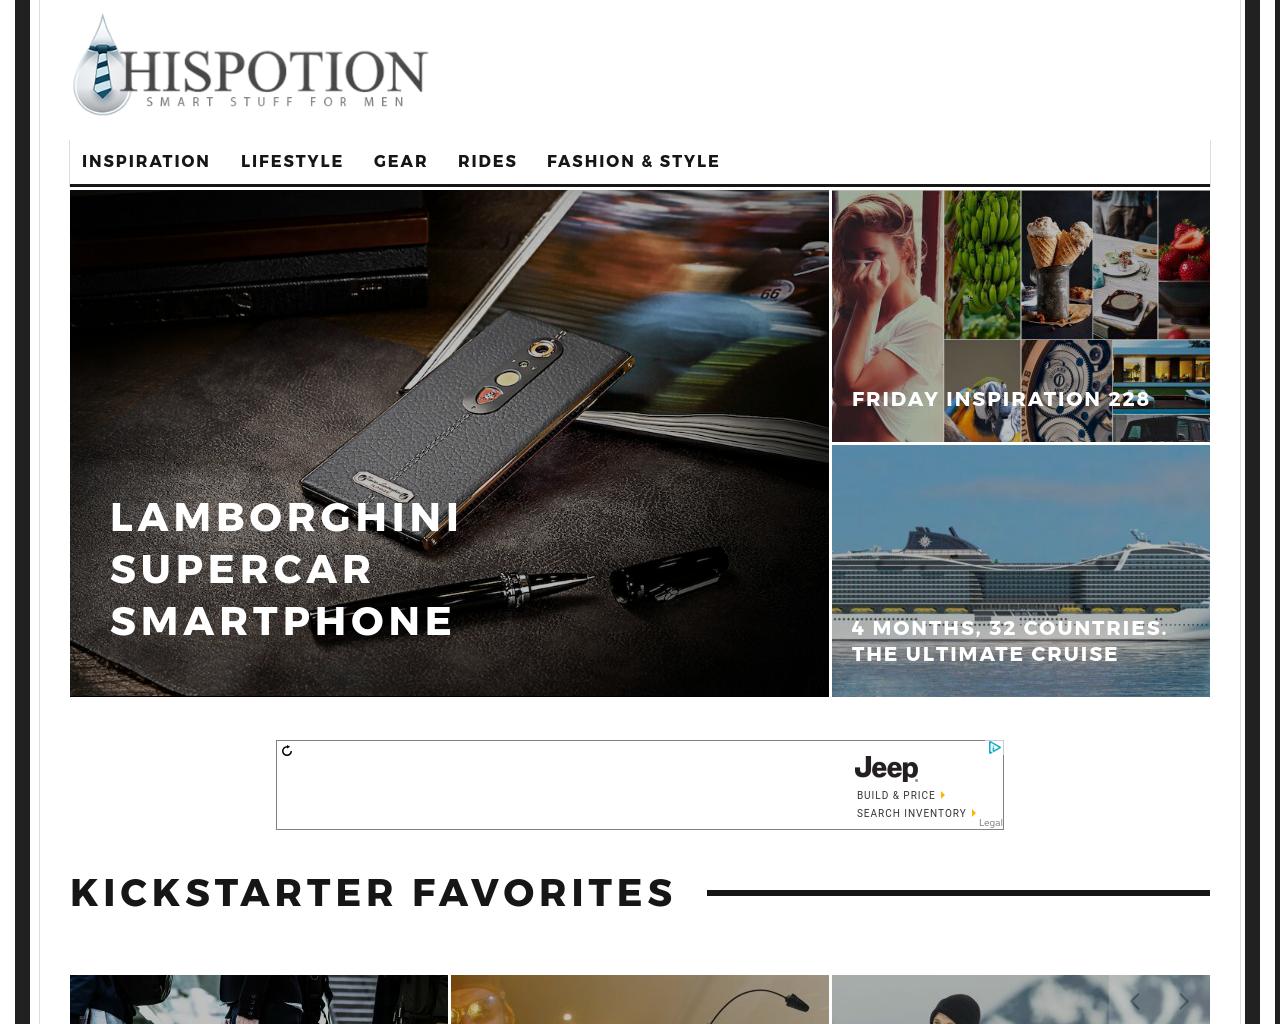 HisPotion-Advertising-Reviews-Pricing